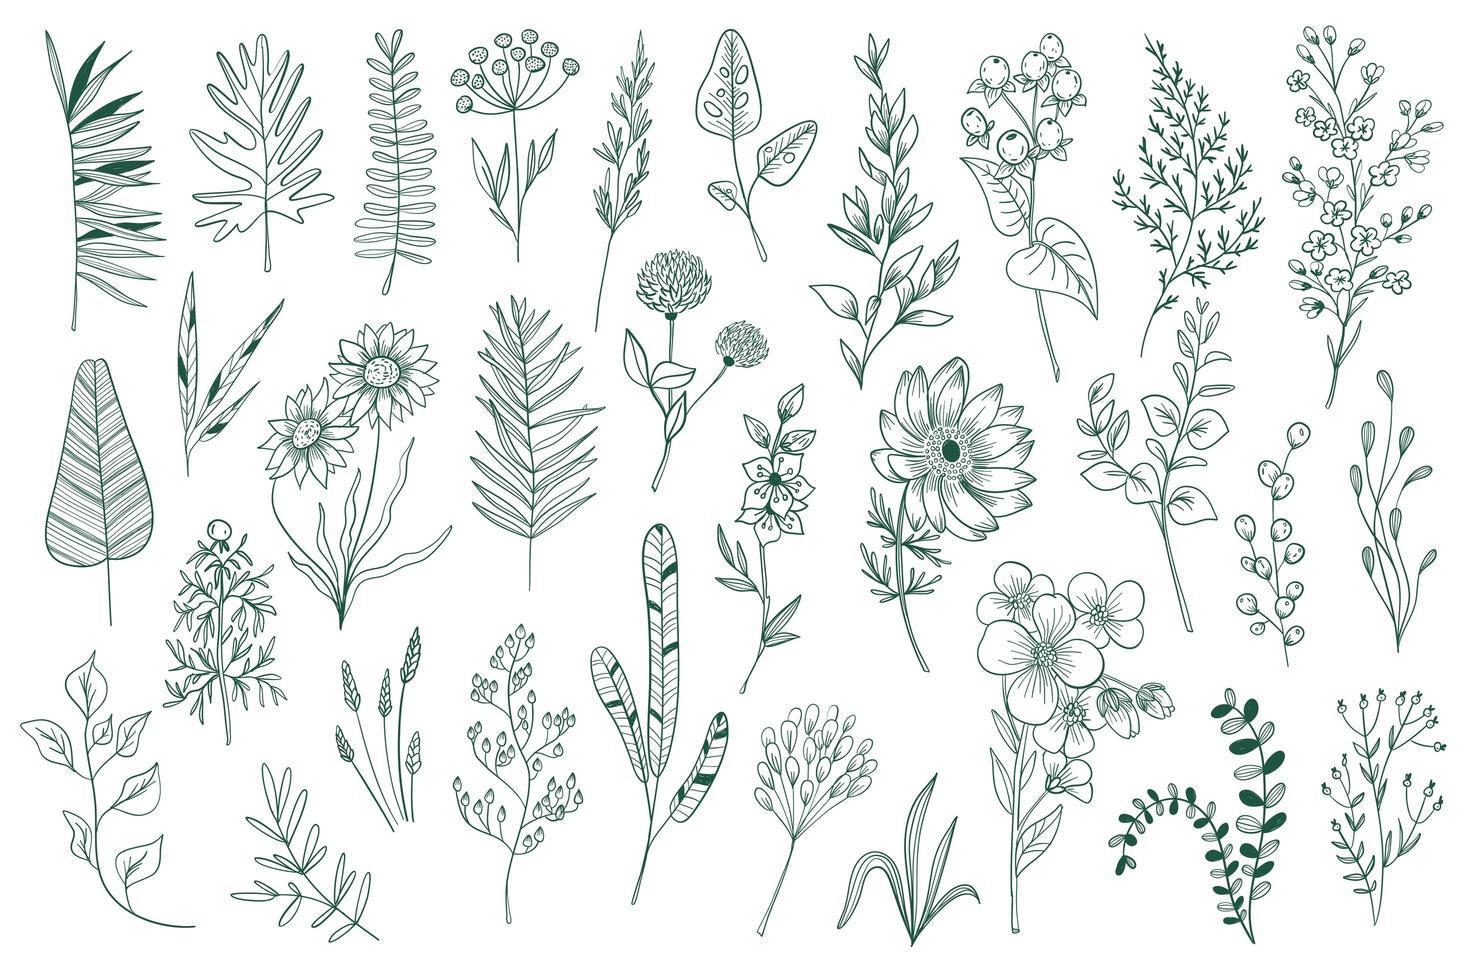 Wildblumen dekorative Umrisselemente gesetzt vektor